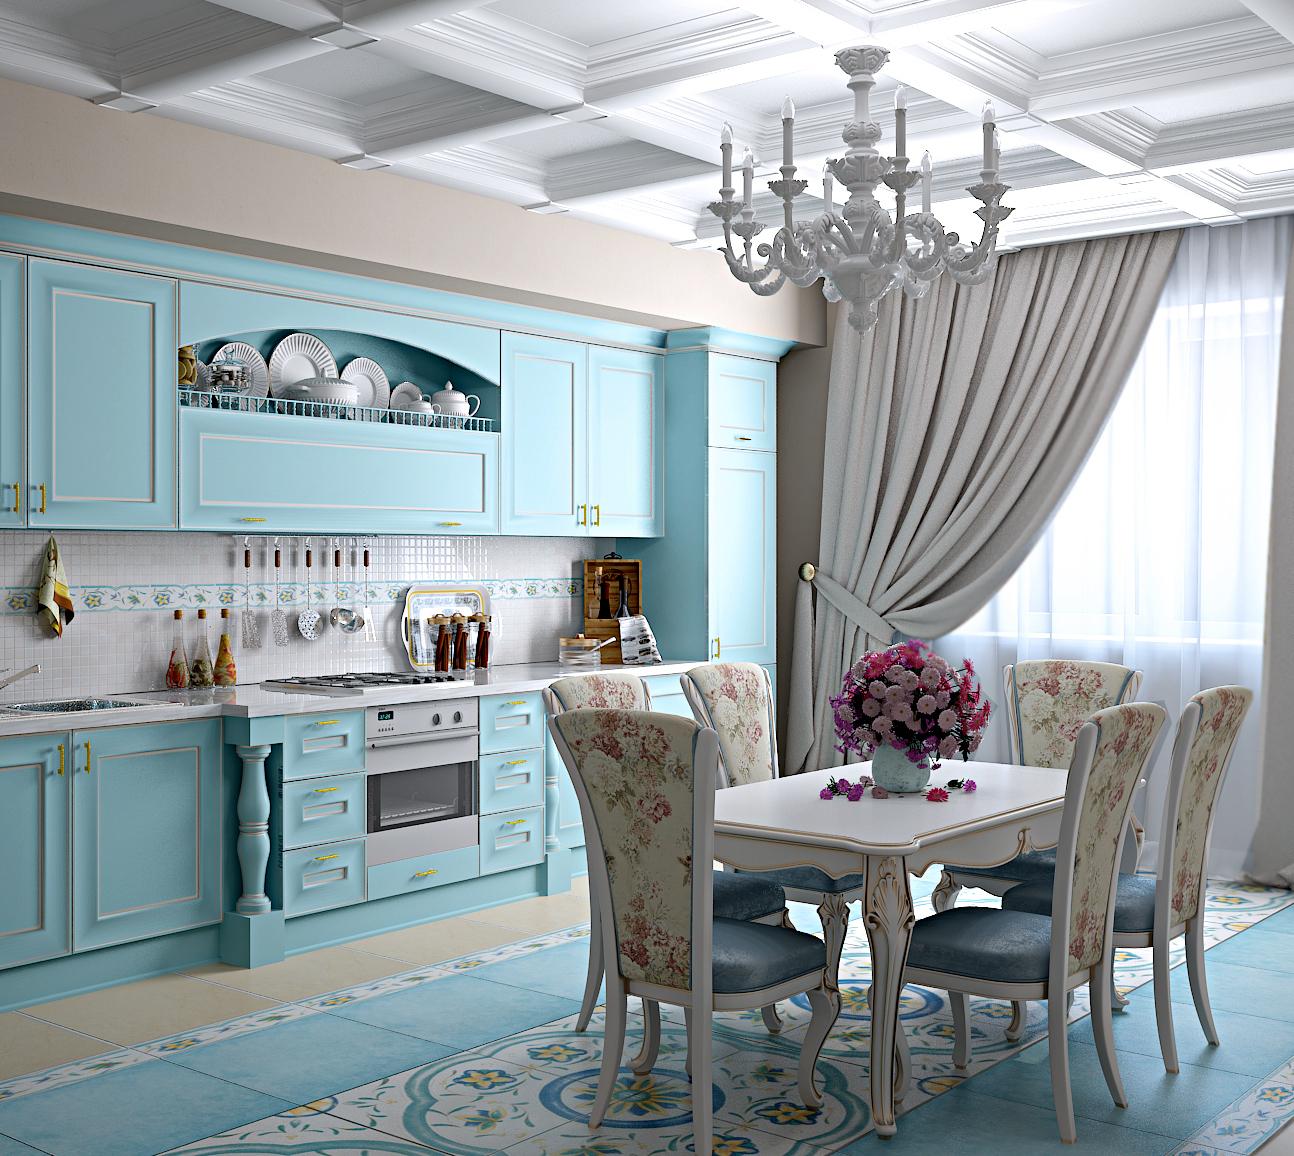 интерьер кухни в стиле прованс 70 фото незабываемого дизайна Inmyroom